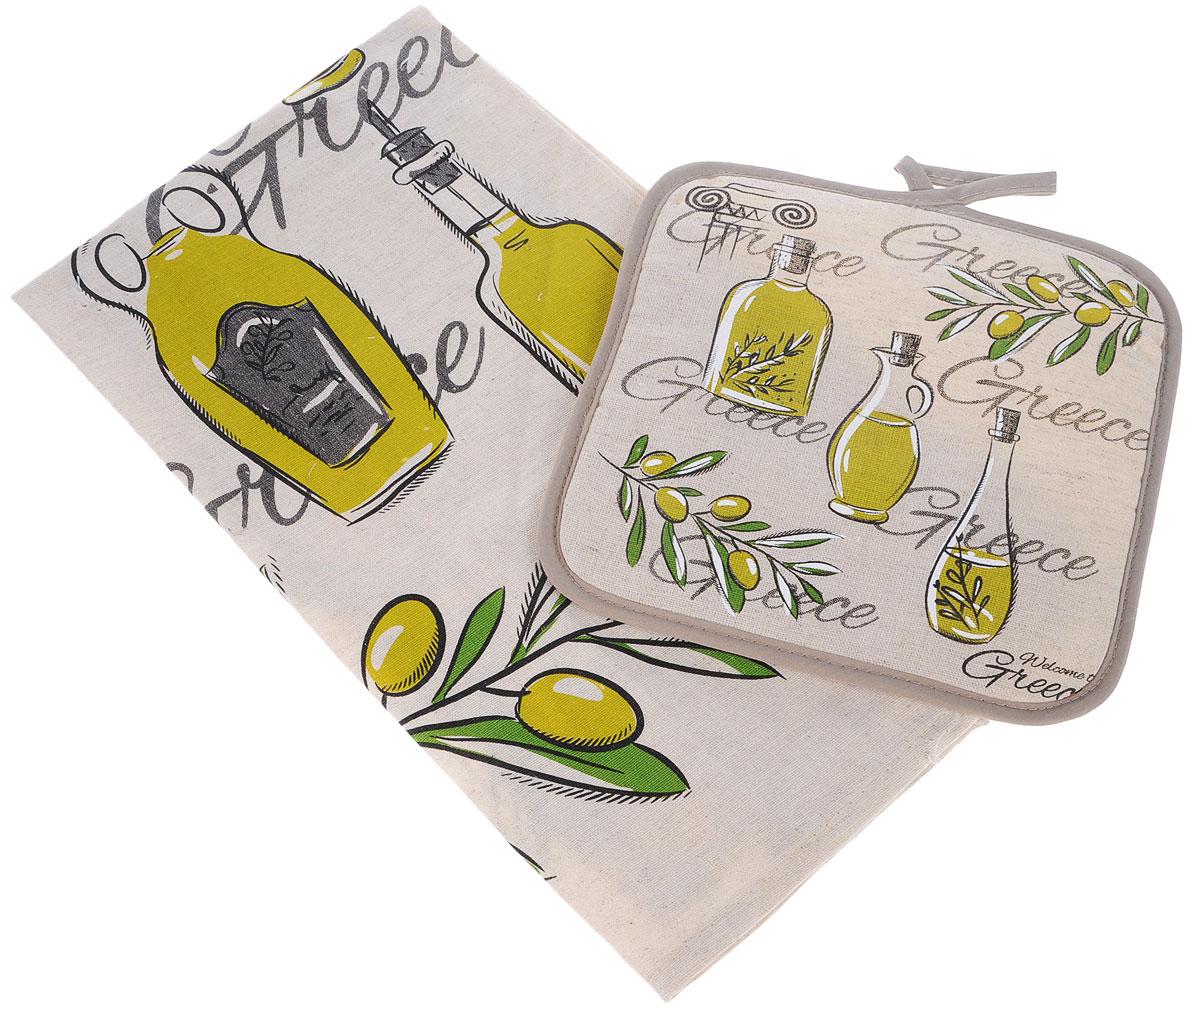 Набор кухонный LarangE От Шефа. Оливы, 2 предмета627-002_оливыКухонный набор От Шефа, выполненный из 50% хлопка и 50% льна, состоит из прихватки и прямоугольного полотенца. Полотенце прекрасно впитывает влагу, легко стирается, хорошо сохраняет форму и цвет. Прихватка удобная, мягкая и практичная. Она защитит ваши руки и предотвратит появление ожогов. С помощью текстильной петельки прихватку можно подвесить на крючок.Кухонный набор станет незаменимым помощником на вашей кухне. Яркий и оригинальный дизайн вдохновит вас на новые кулинарные шедевры. Размер полотенца: 45 х 60 см. Размер прихватки: 18 х 18 см.